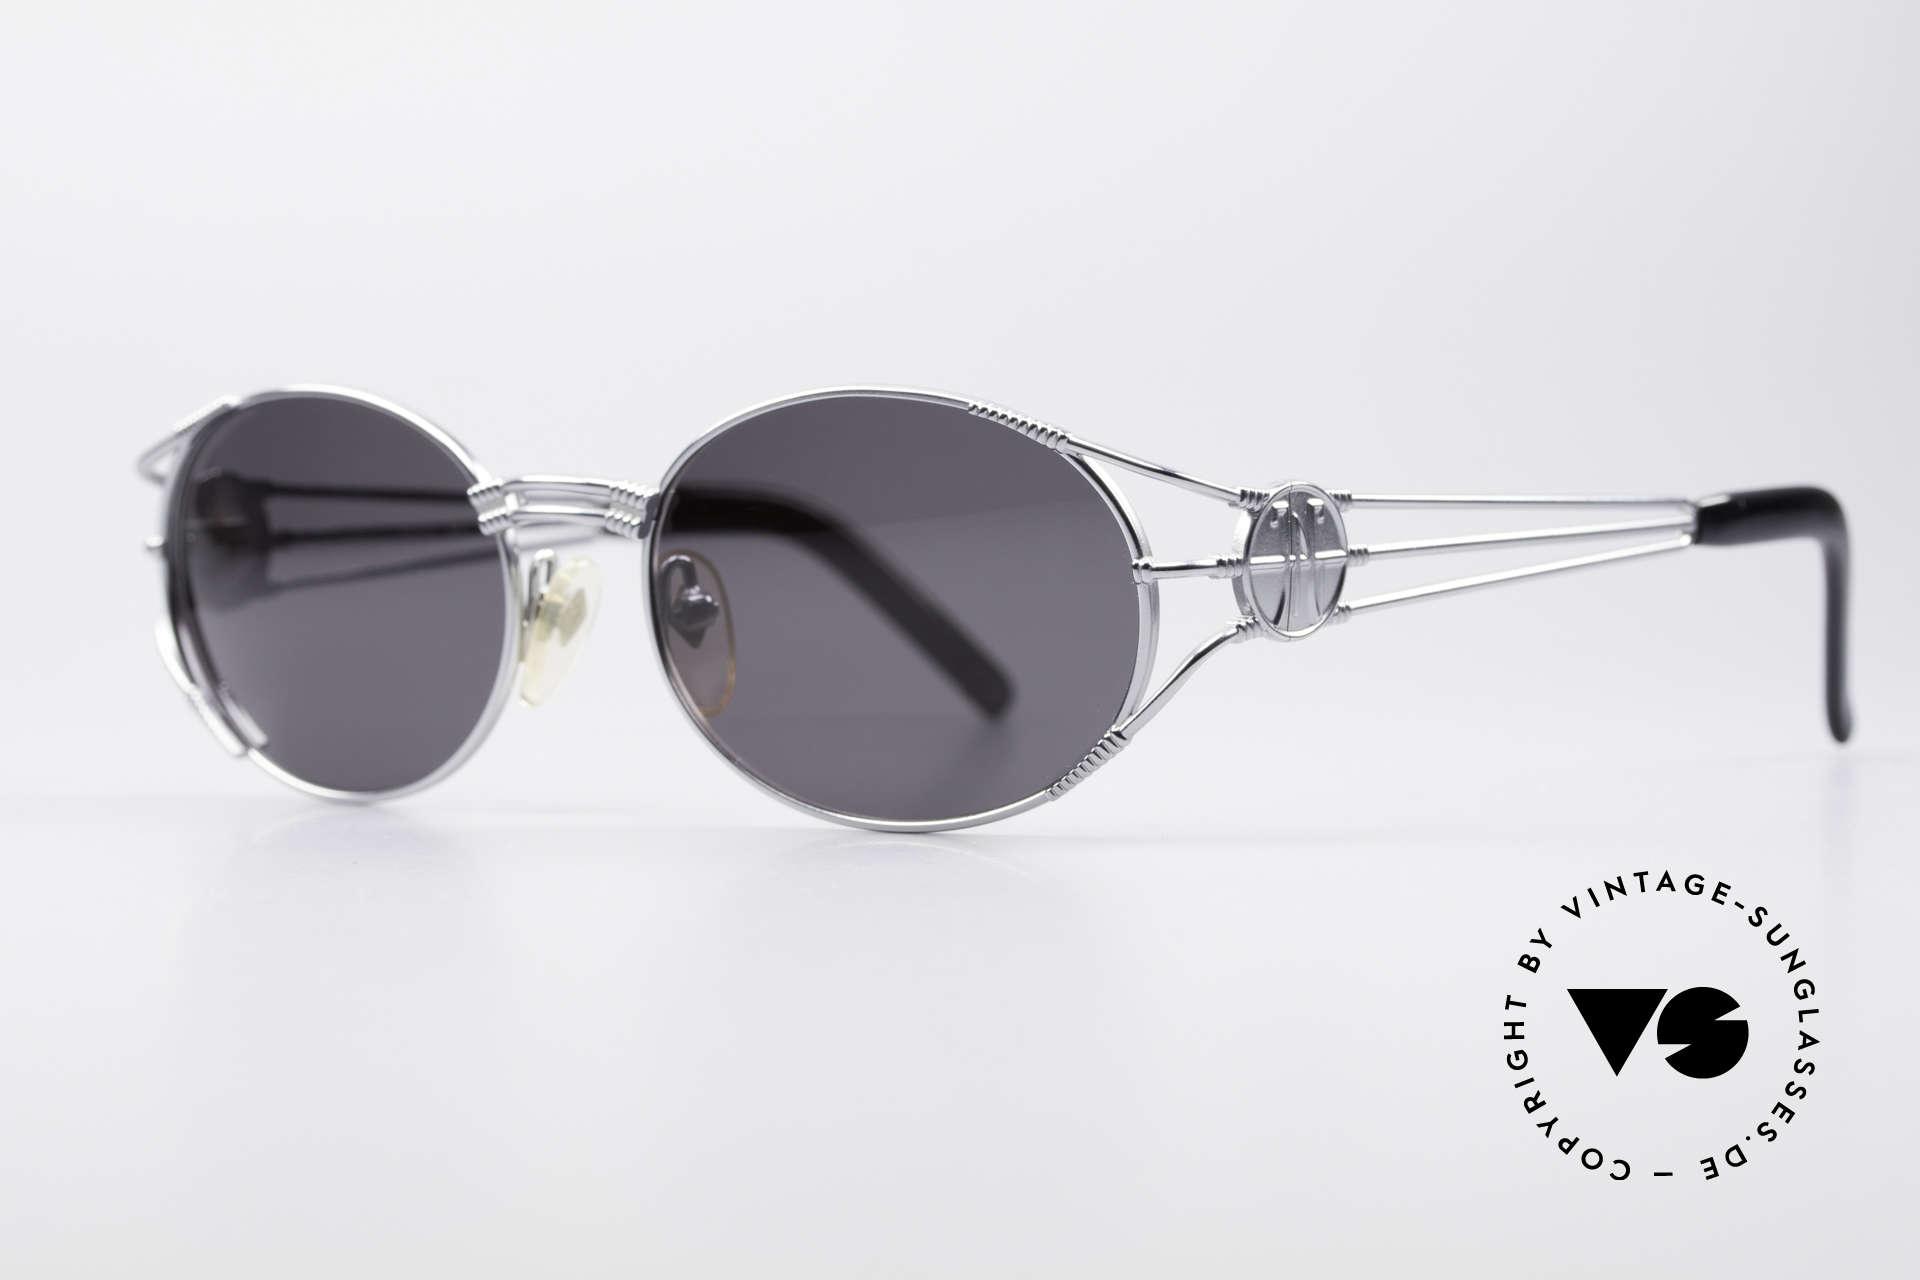 """Jean Paul Gaultier 58-5106 Ovale Steampunk JPG Brille, heutzutage oft als """"STEAMPUNK-Brille"""" bezeichnet, Passend für Herren und Damen"""